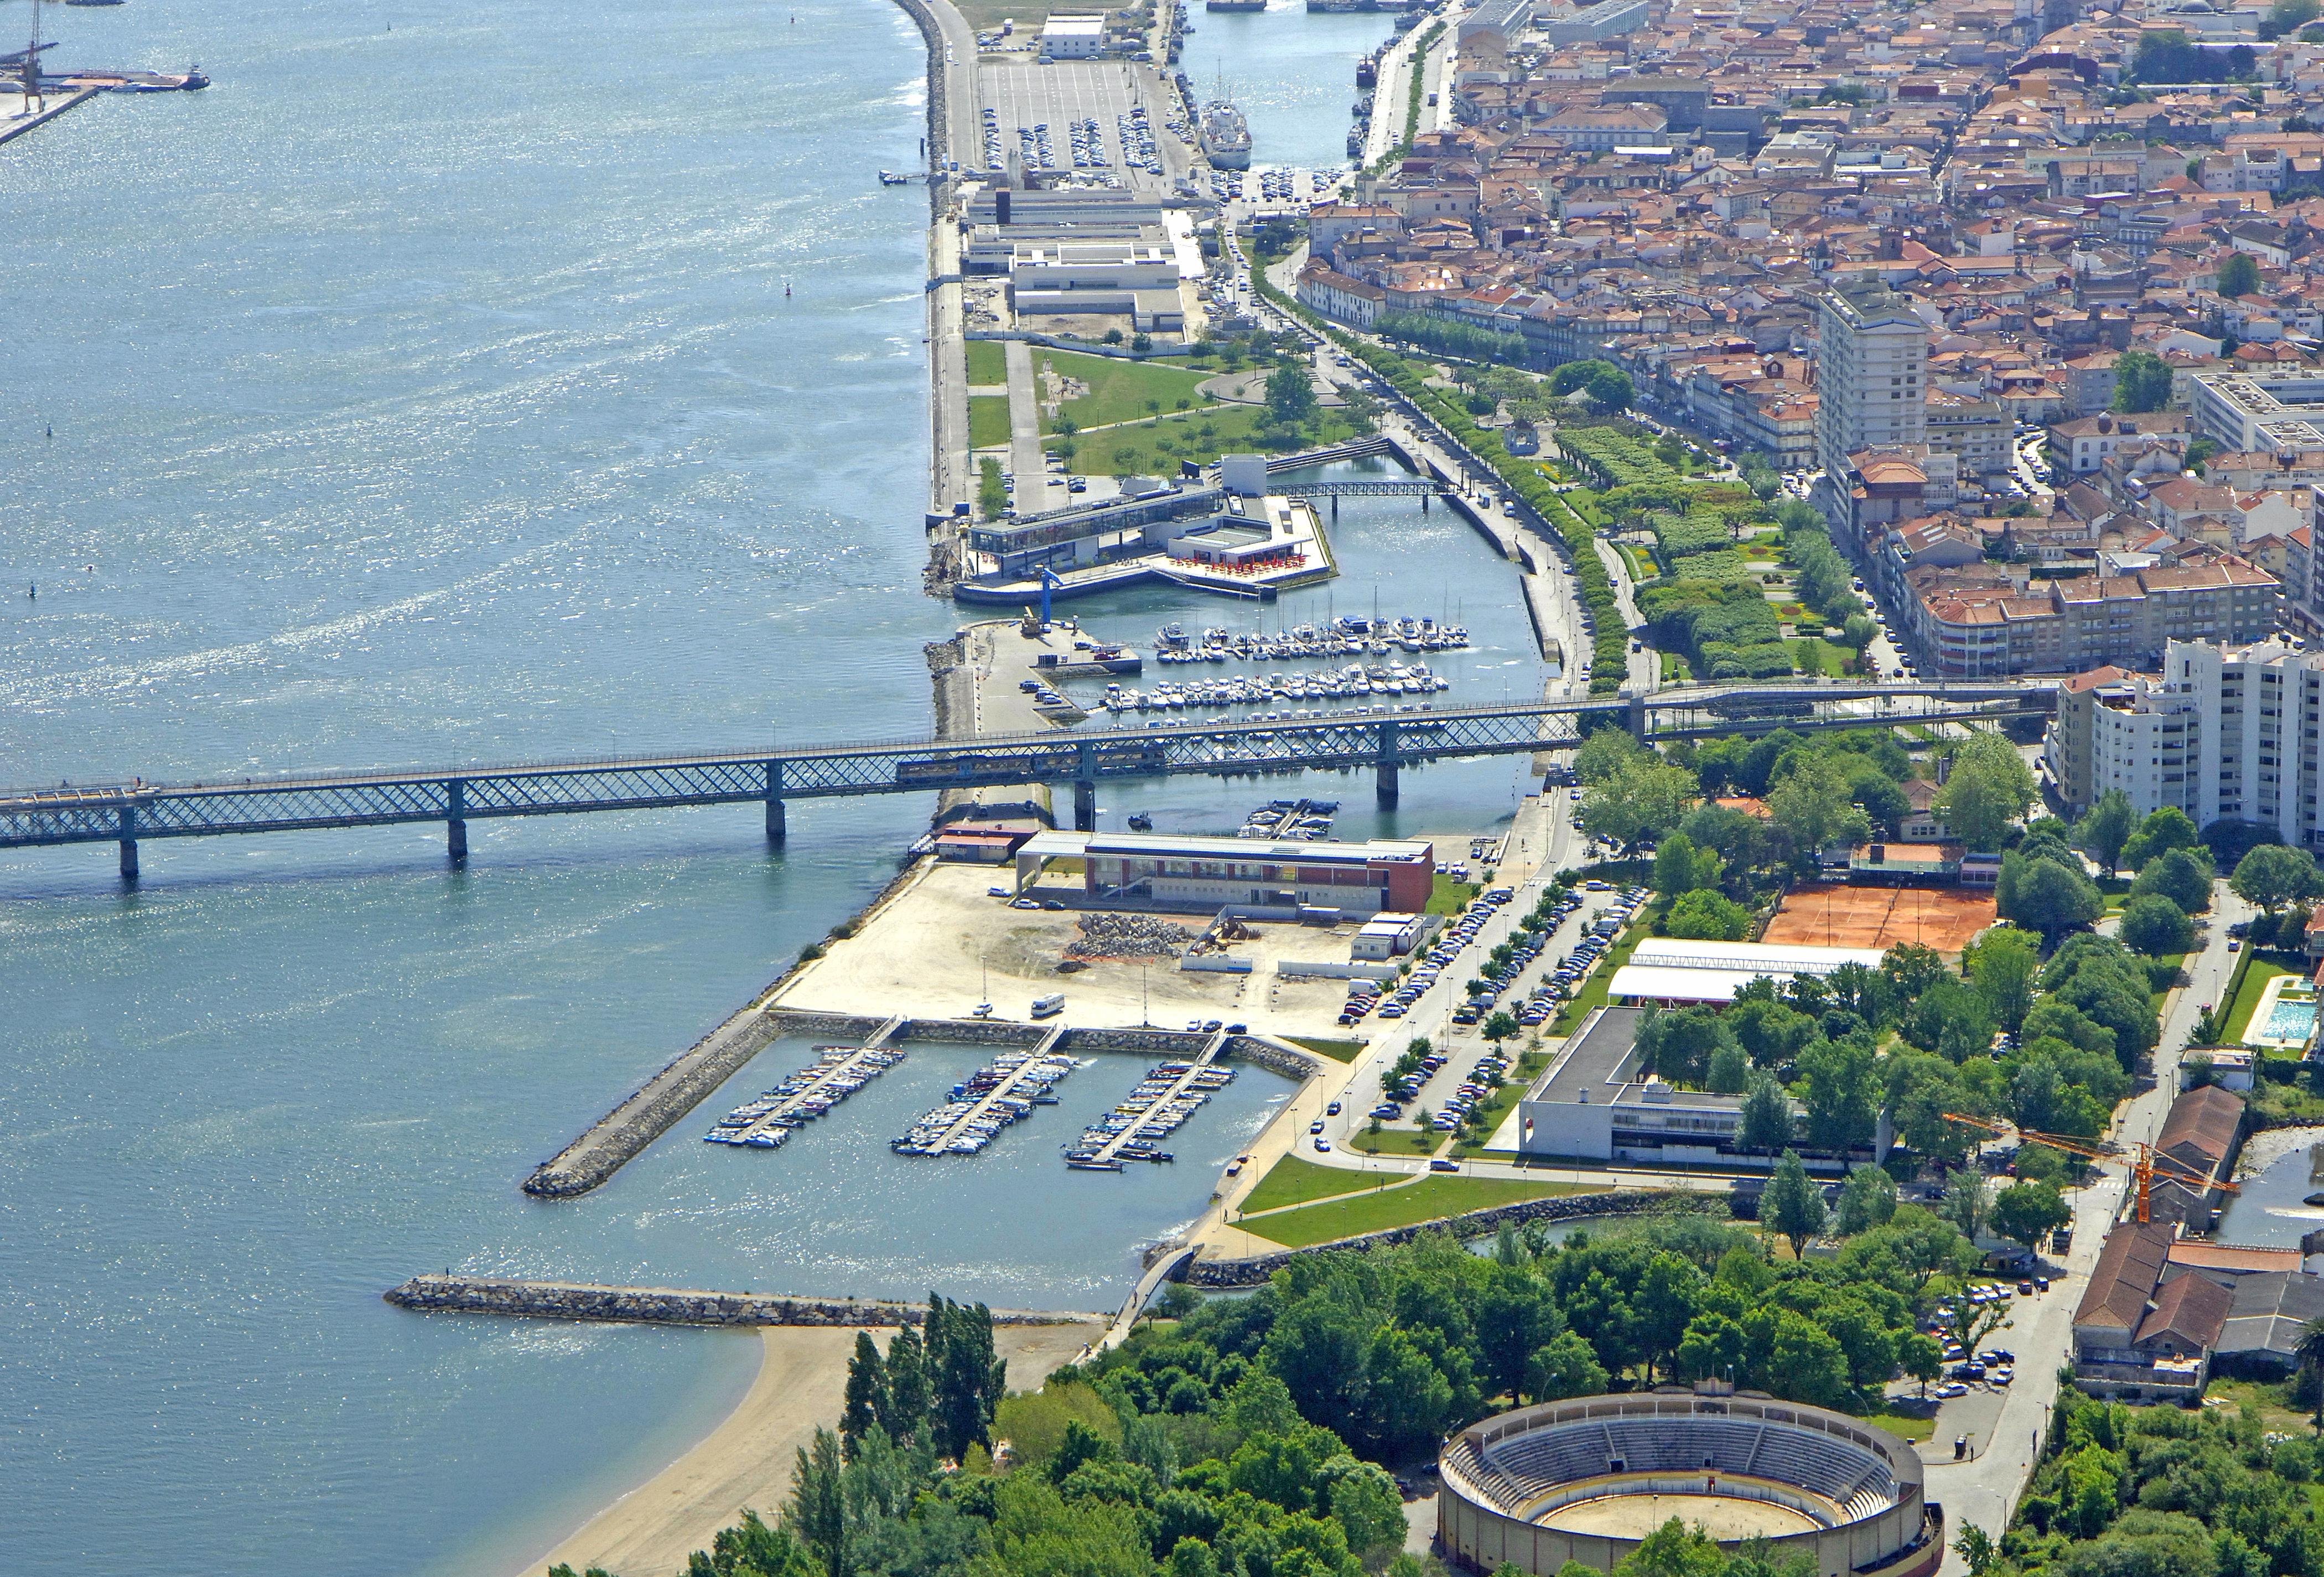 Viana do castelo marina in viana do castelo portugal - Viana do castelo portugal ...